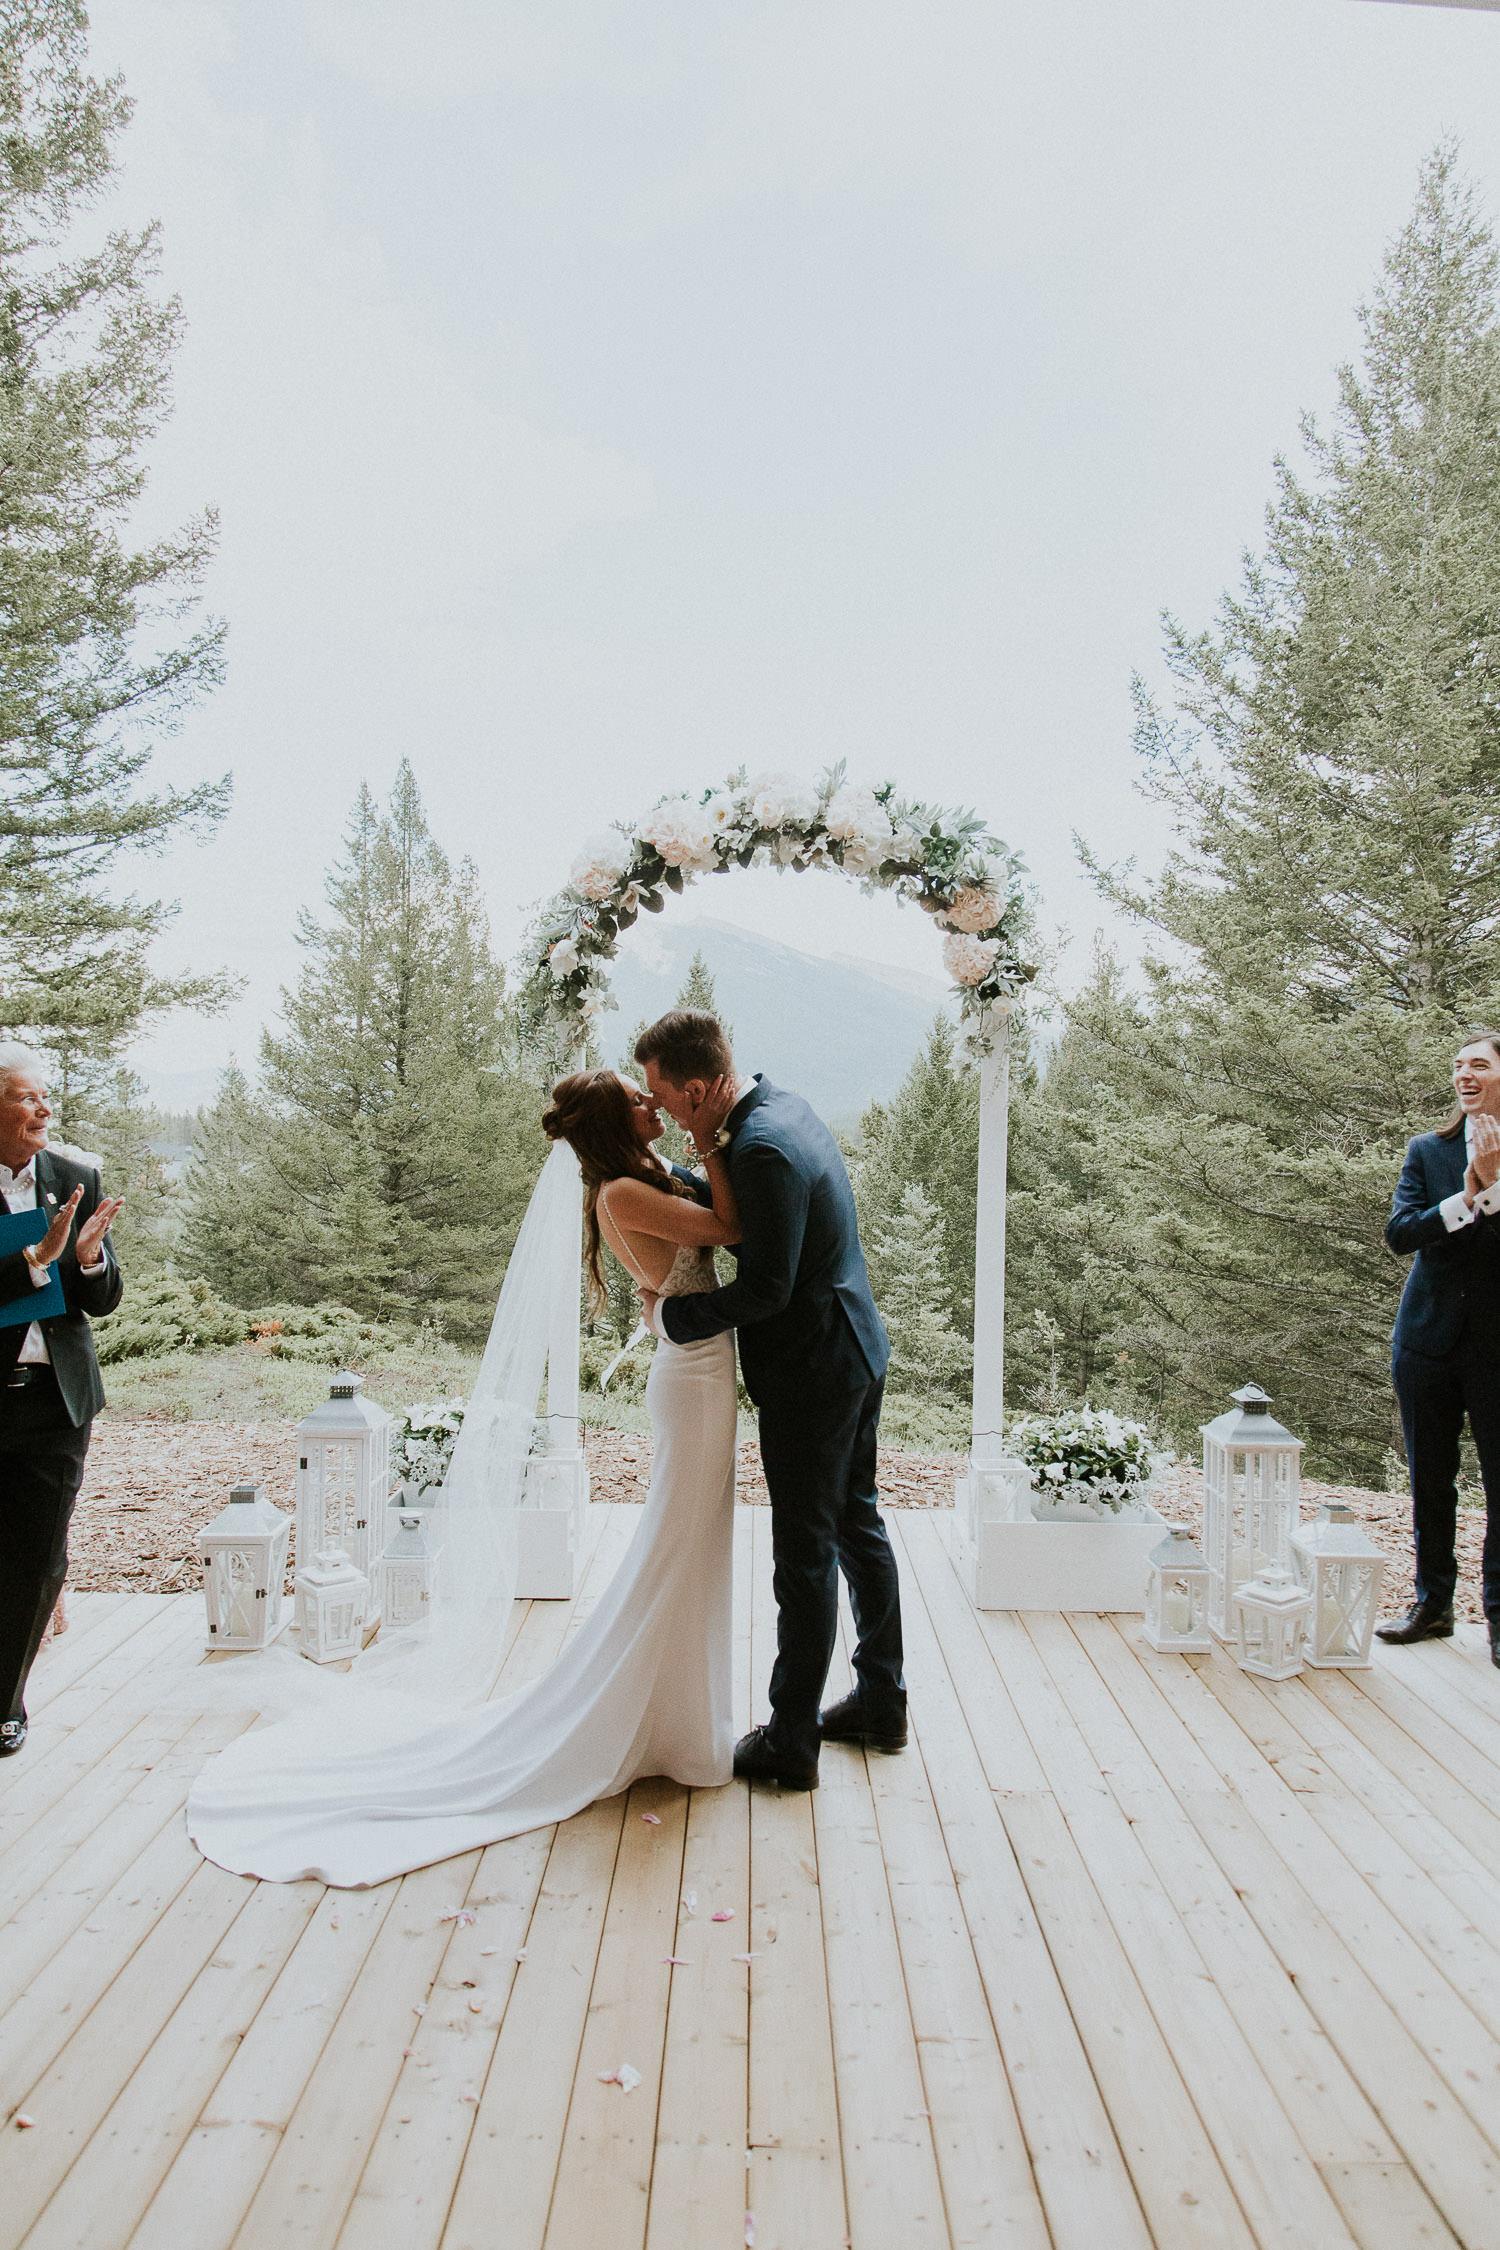 stewart-creek-wedding-sarah-pukin-280